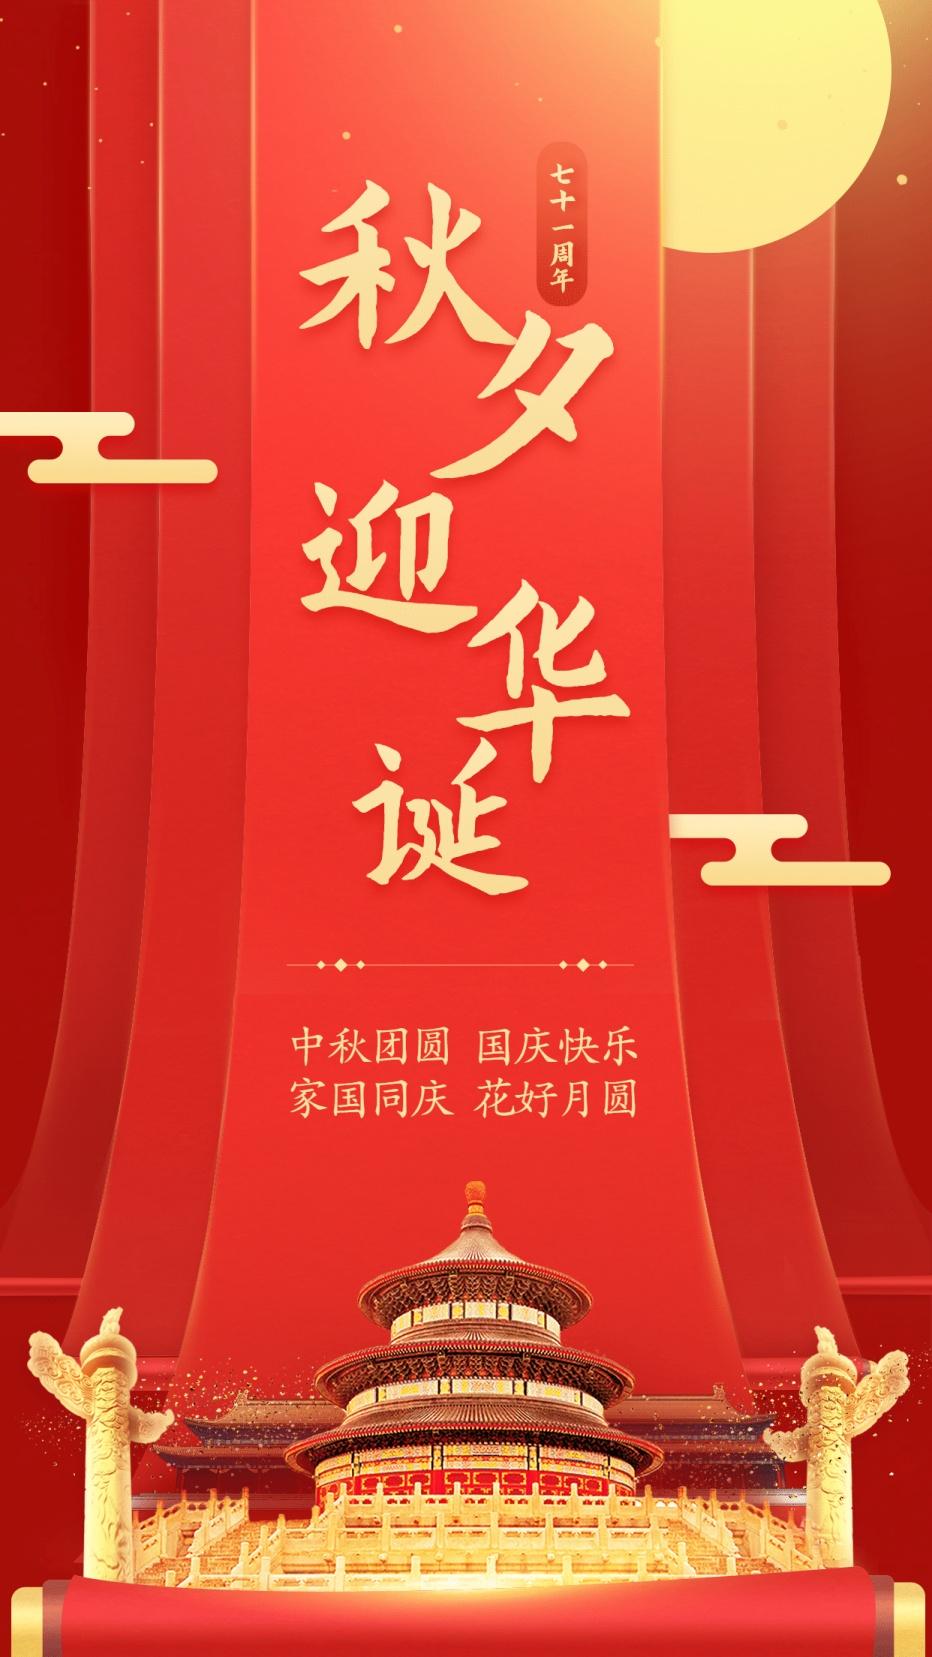 中秋国庆快乐祝福花好月圆中国红